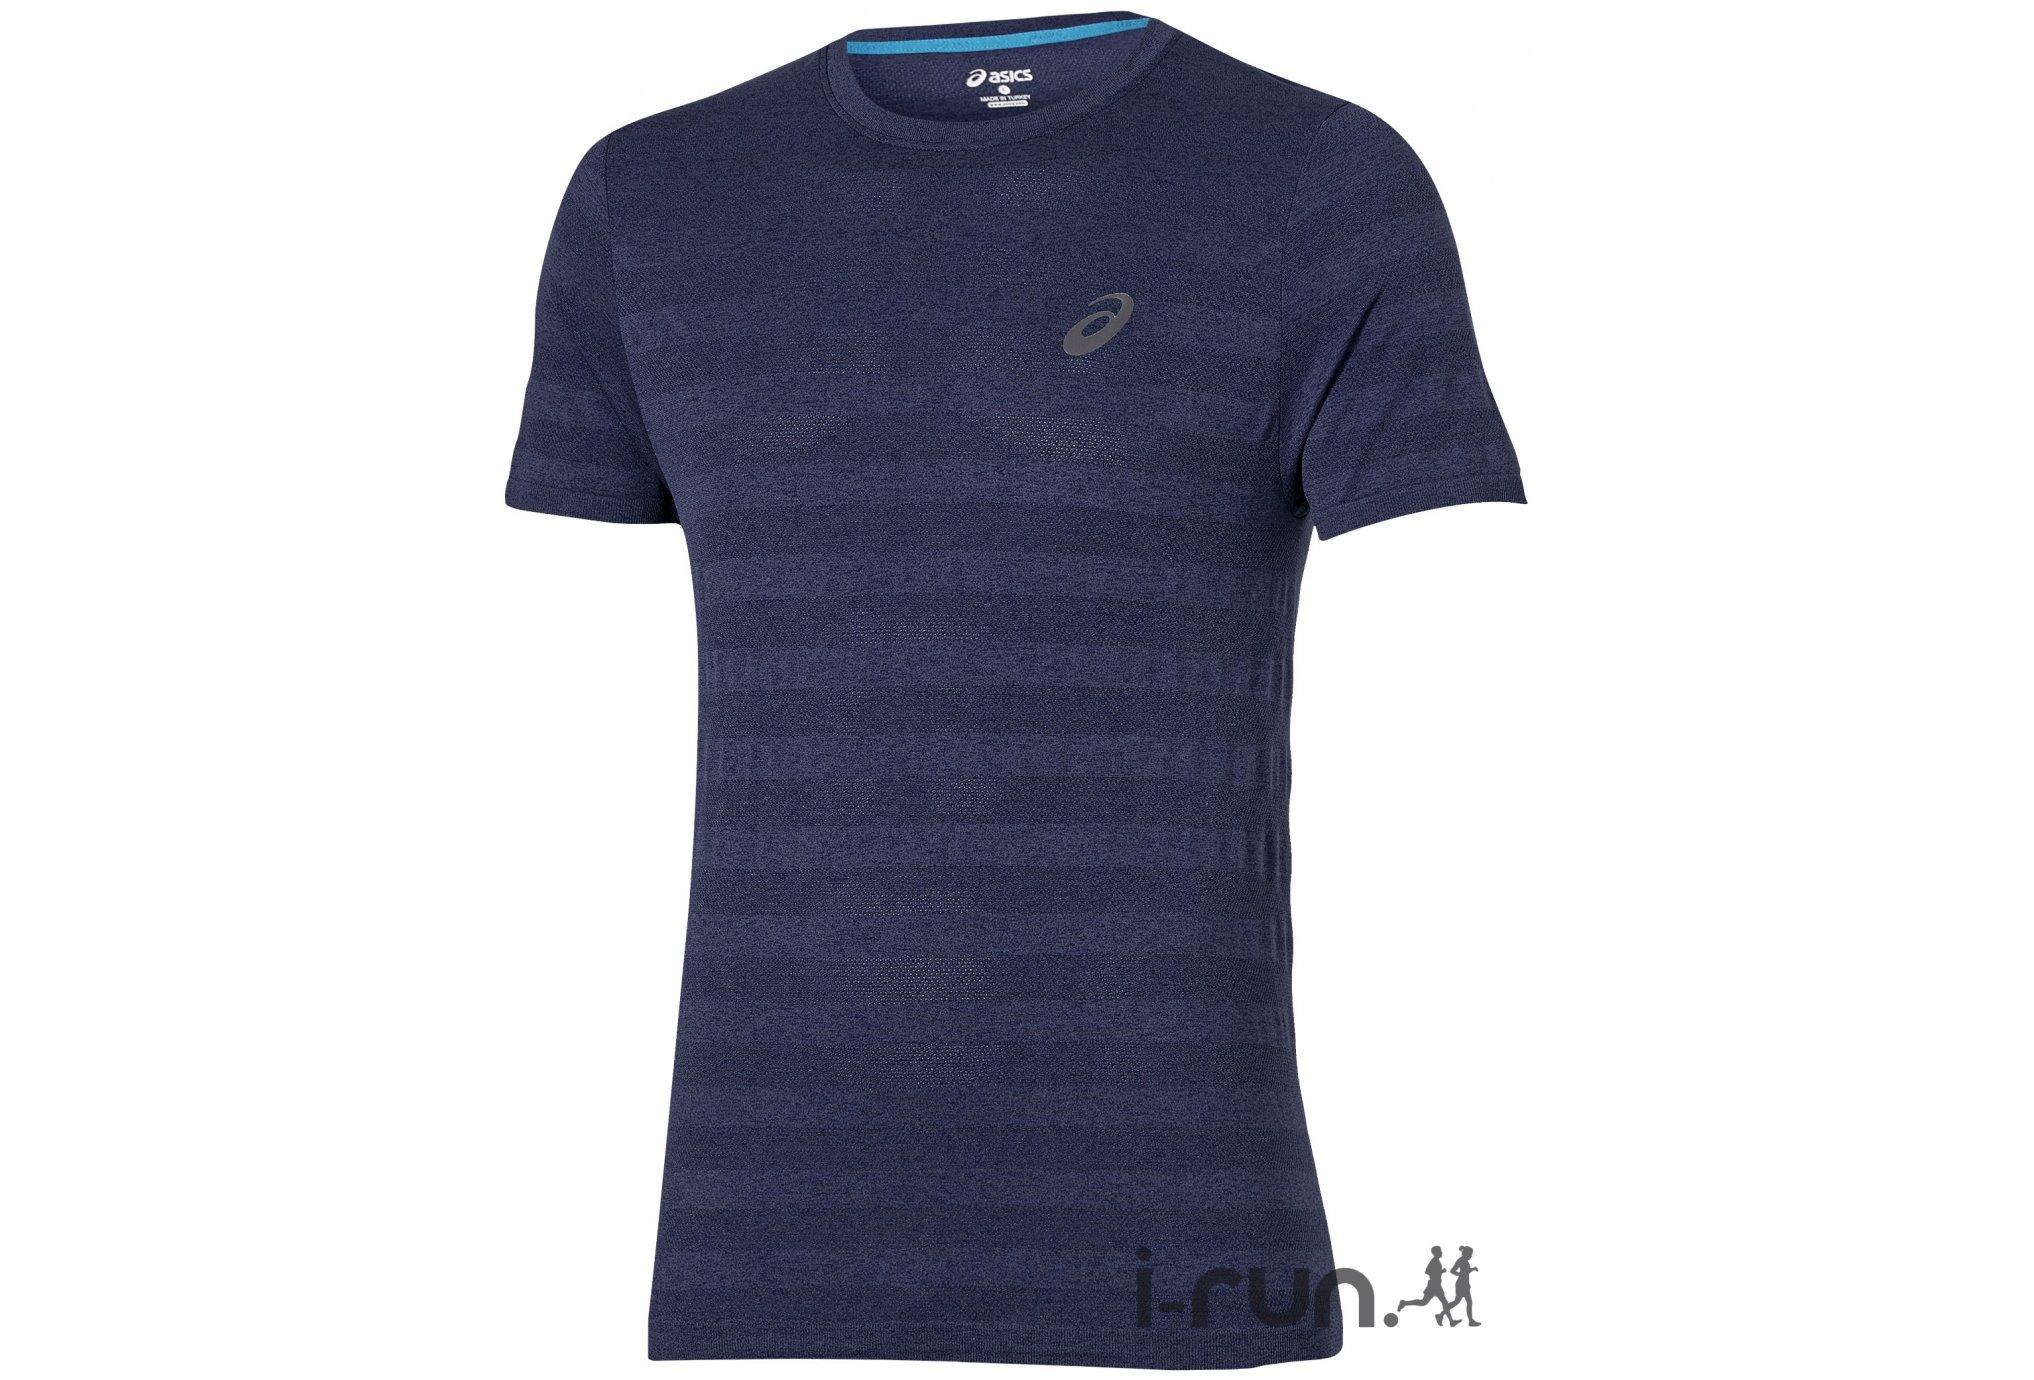 Asics Tee-Shirt FuzeX Seamless M vêtement running homme